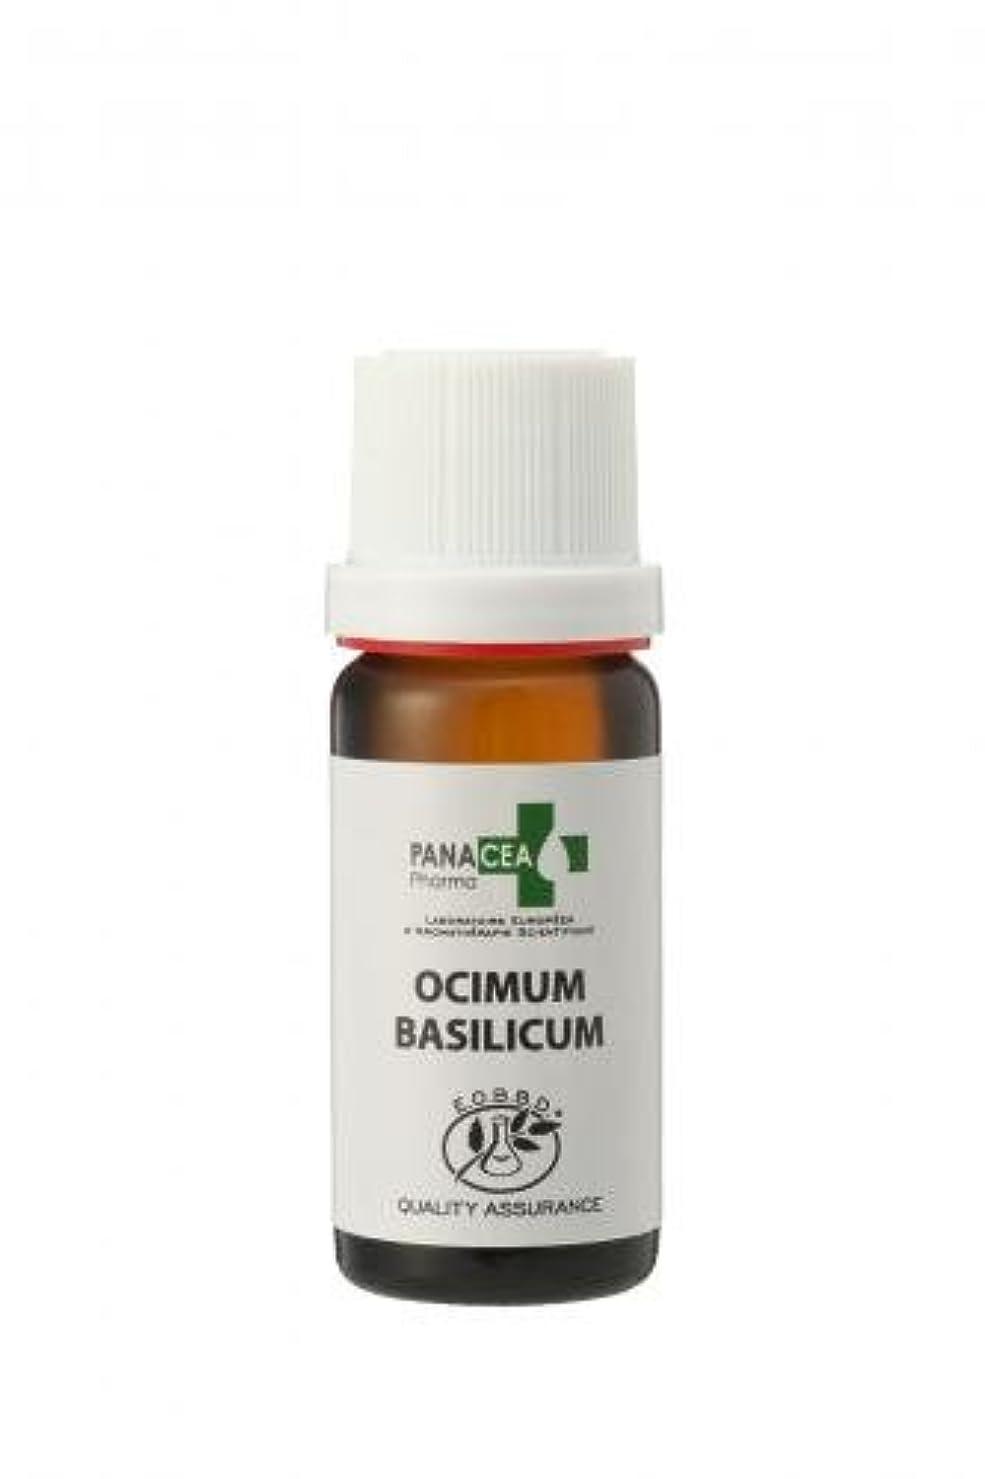 ビルダーエチケット東部バジル メチルカビコール (Ocimum basilicum) 10ml エッセンシャルオイル PANACEA PHARMA パナセア ファルマ